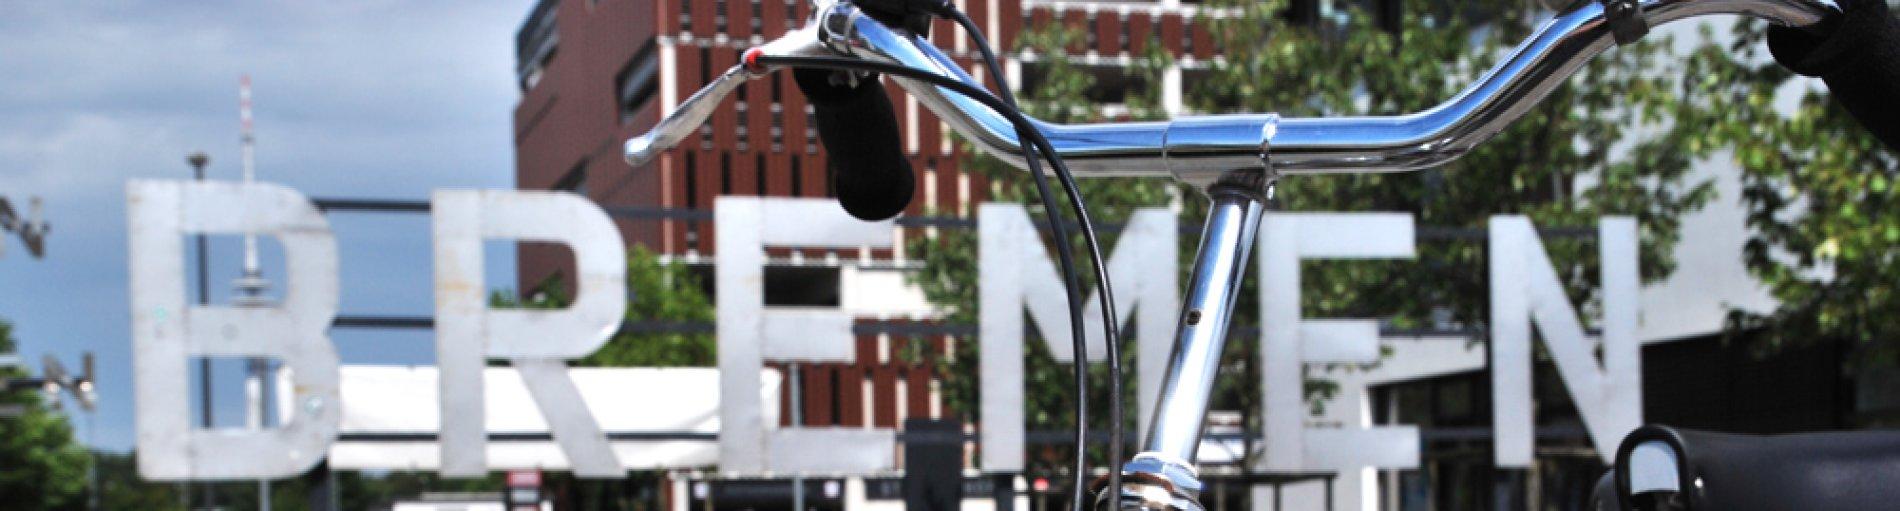 Fahrrad steht vor einem Bremen-Schriftzug